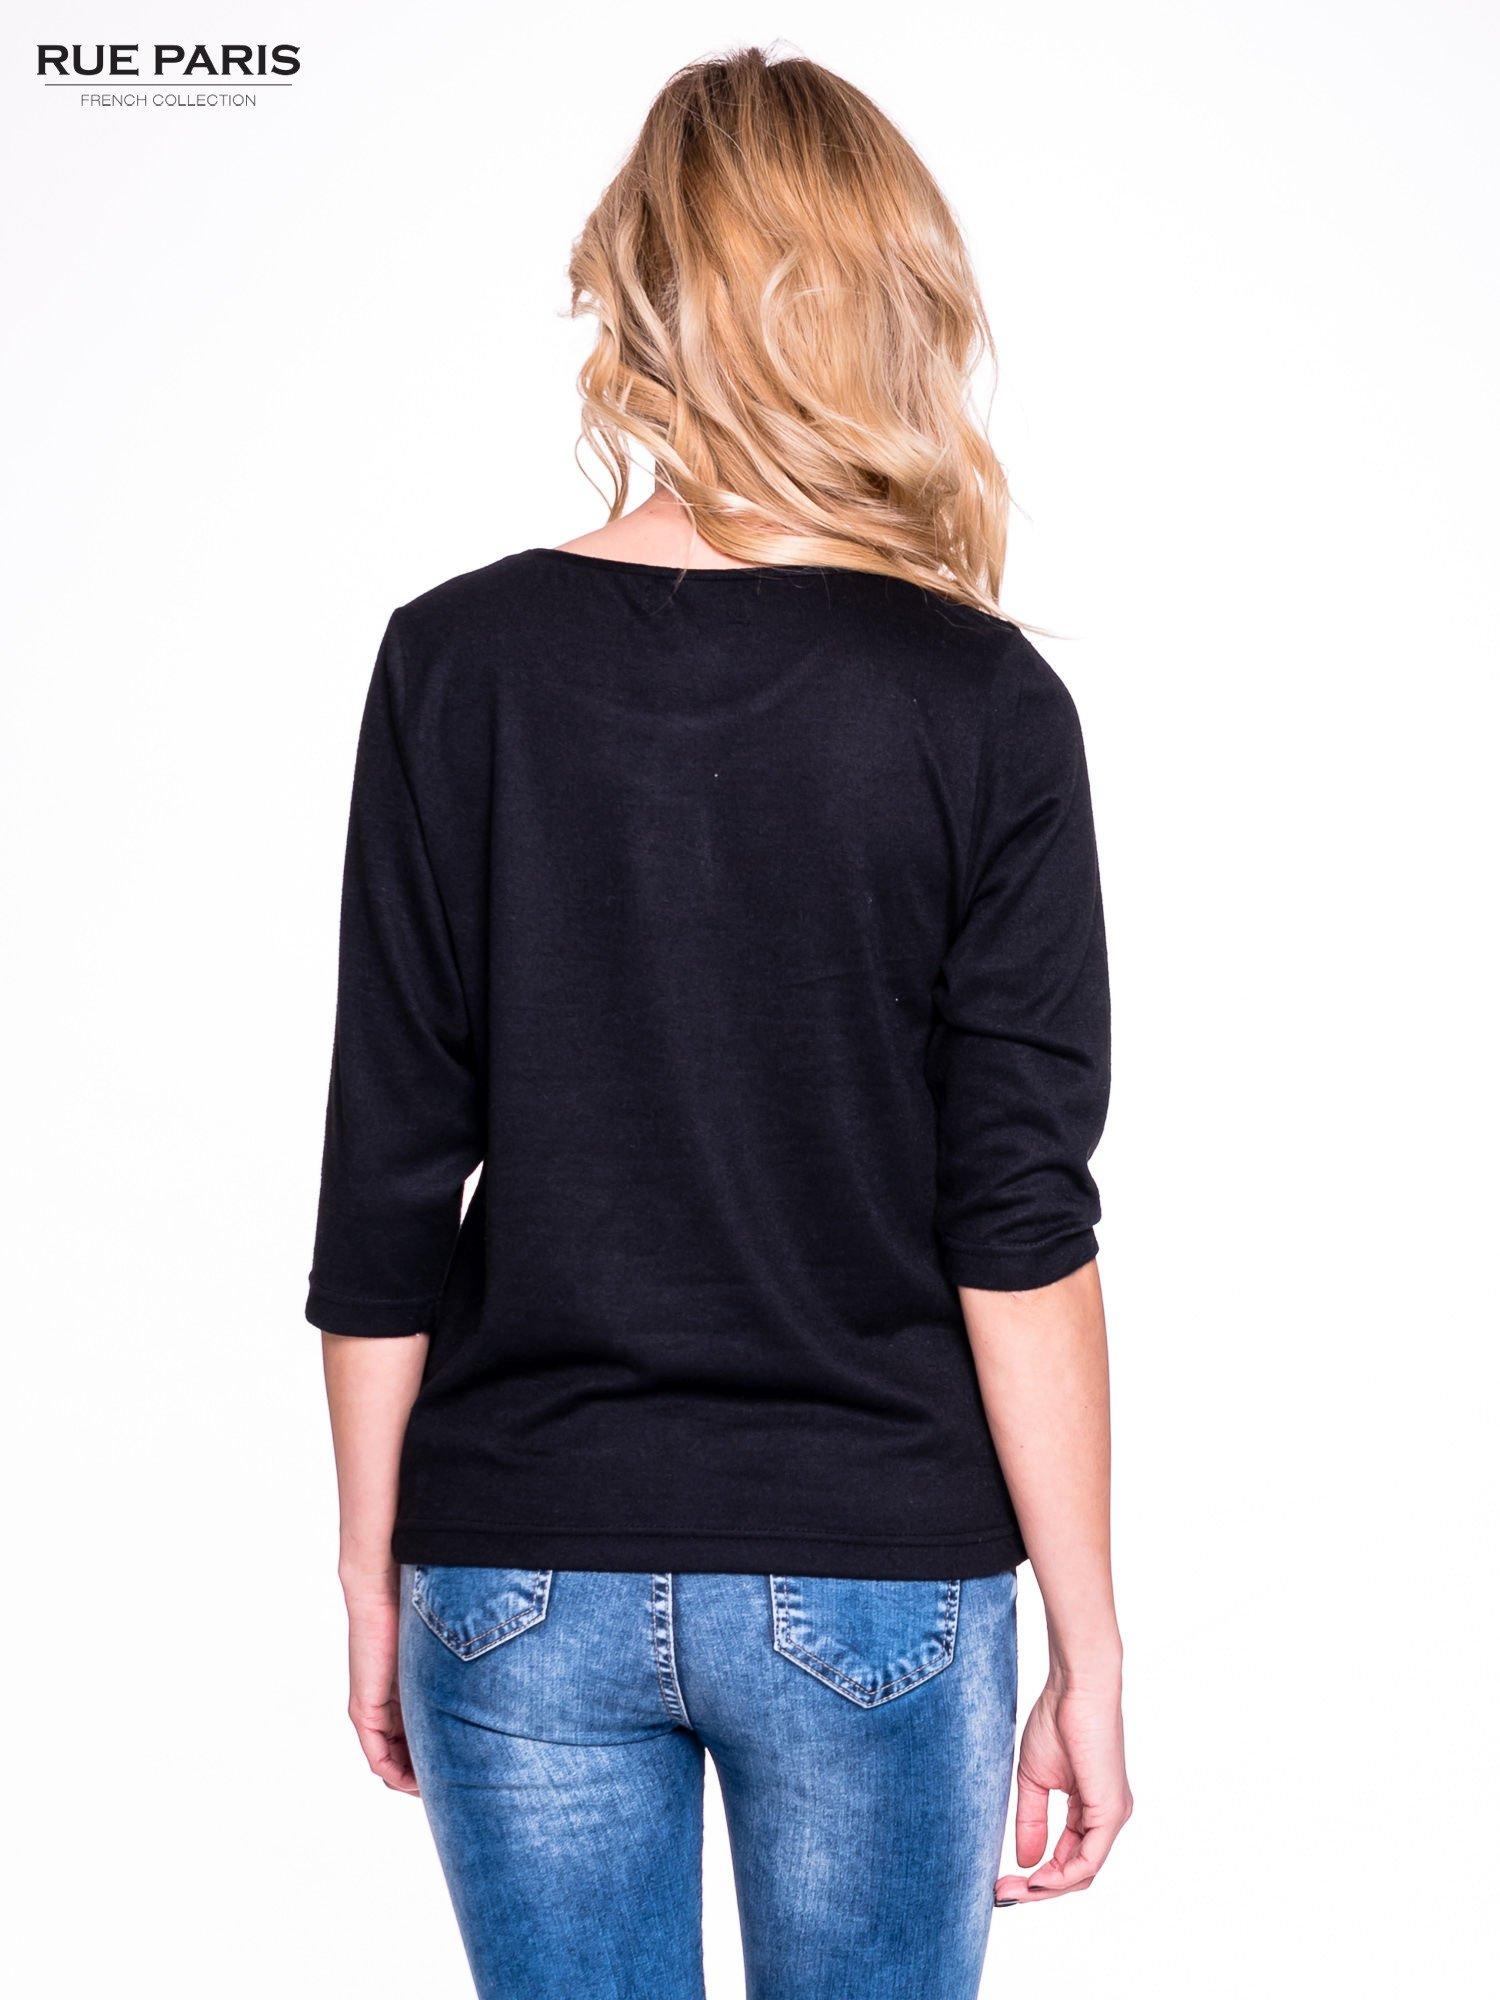 Czarny klasyczny sweterek z luźnym rękawkiem 3/4                                  zdj.                                  2